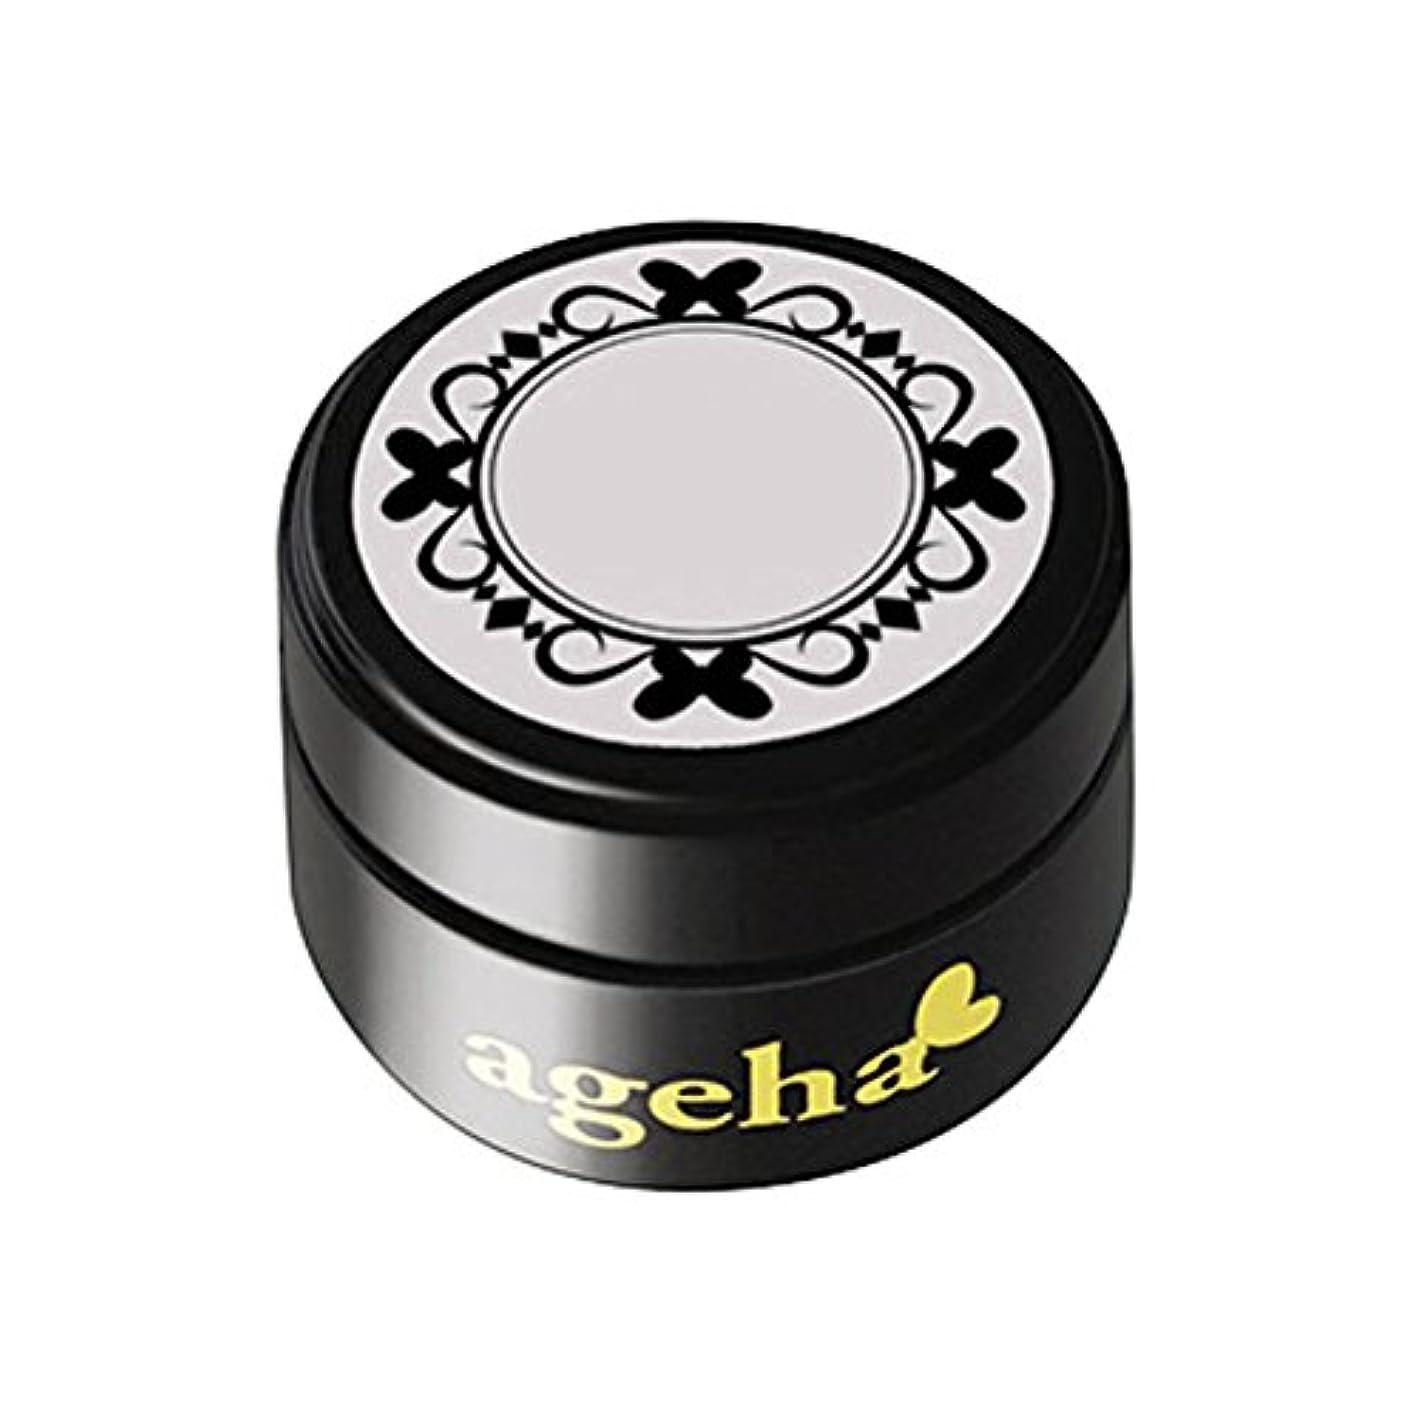 偽善者十分な防止ageha gel カラージェル コスメカラー 216 ノスタルジー 2.7g UV/LED対応